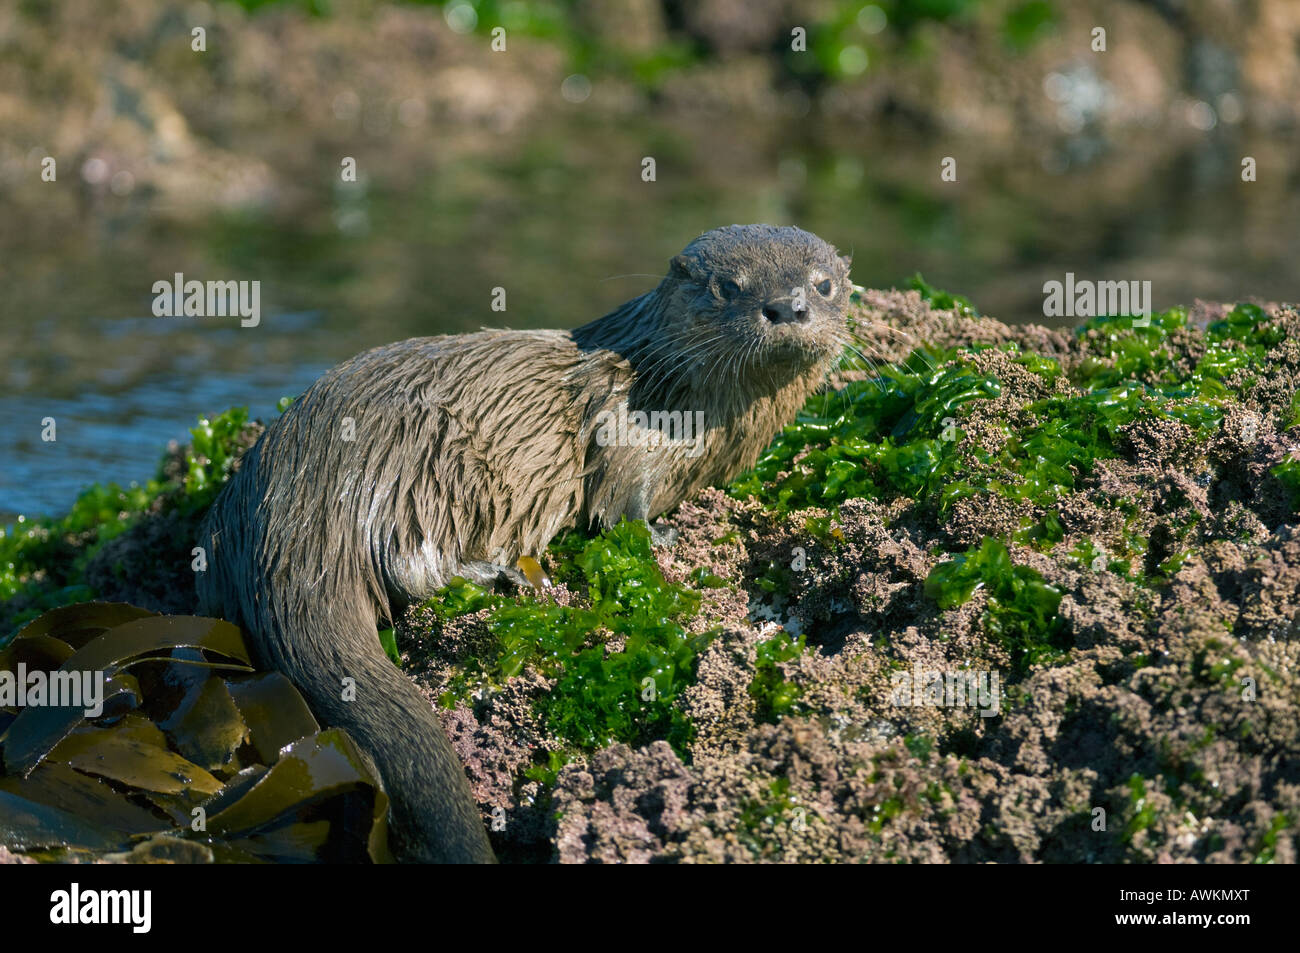 Marine Otter (Lontra felina) or Chungungo, ENDANGERED, Chiloe Island, Chile - Stock Image